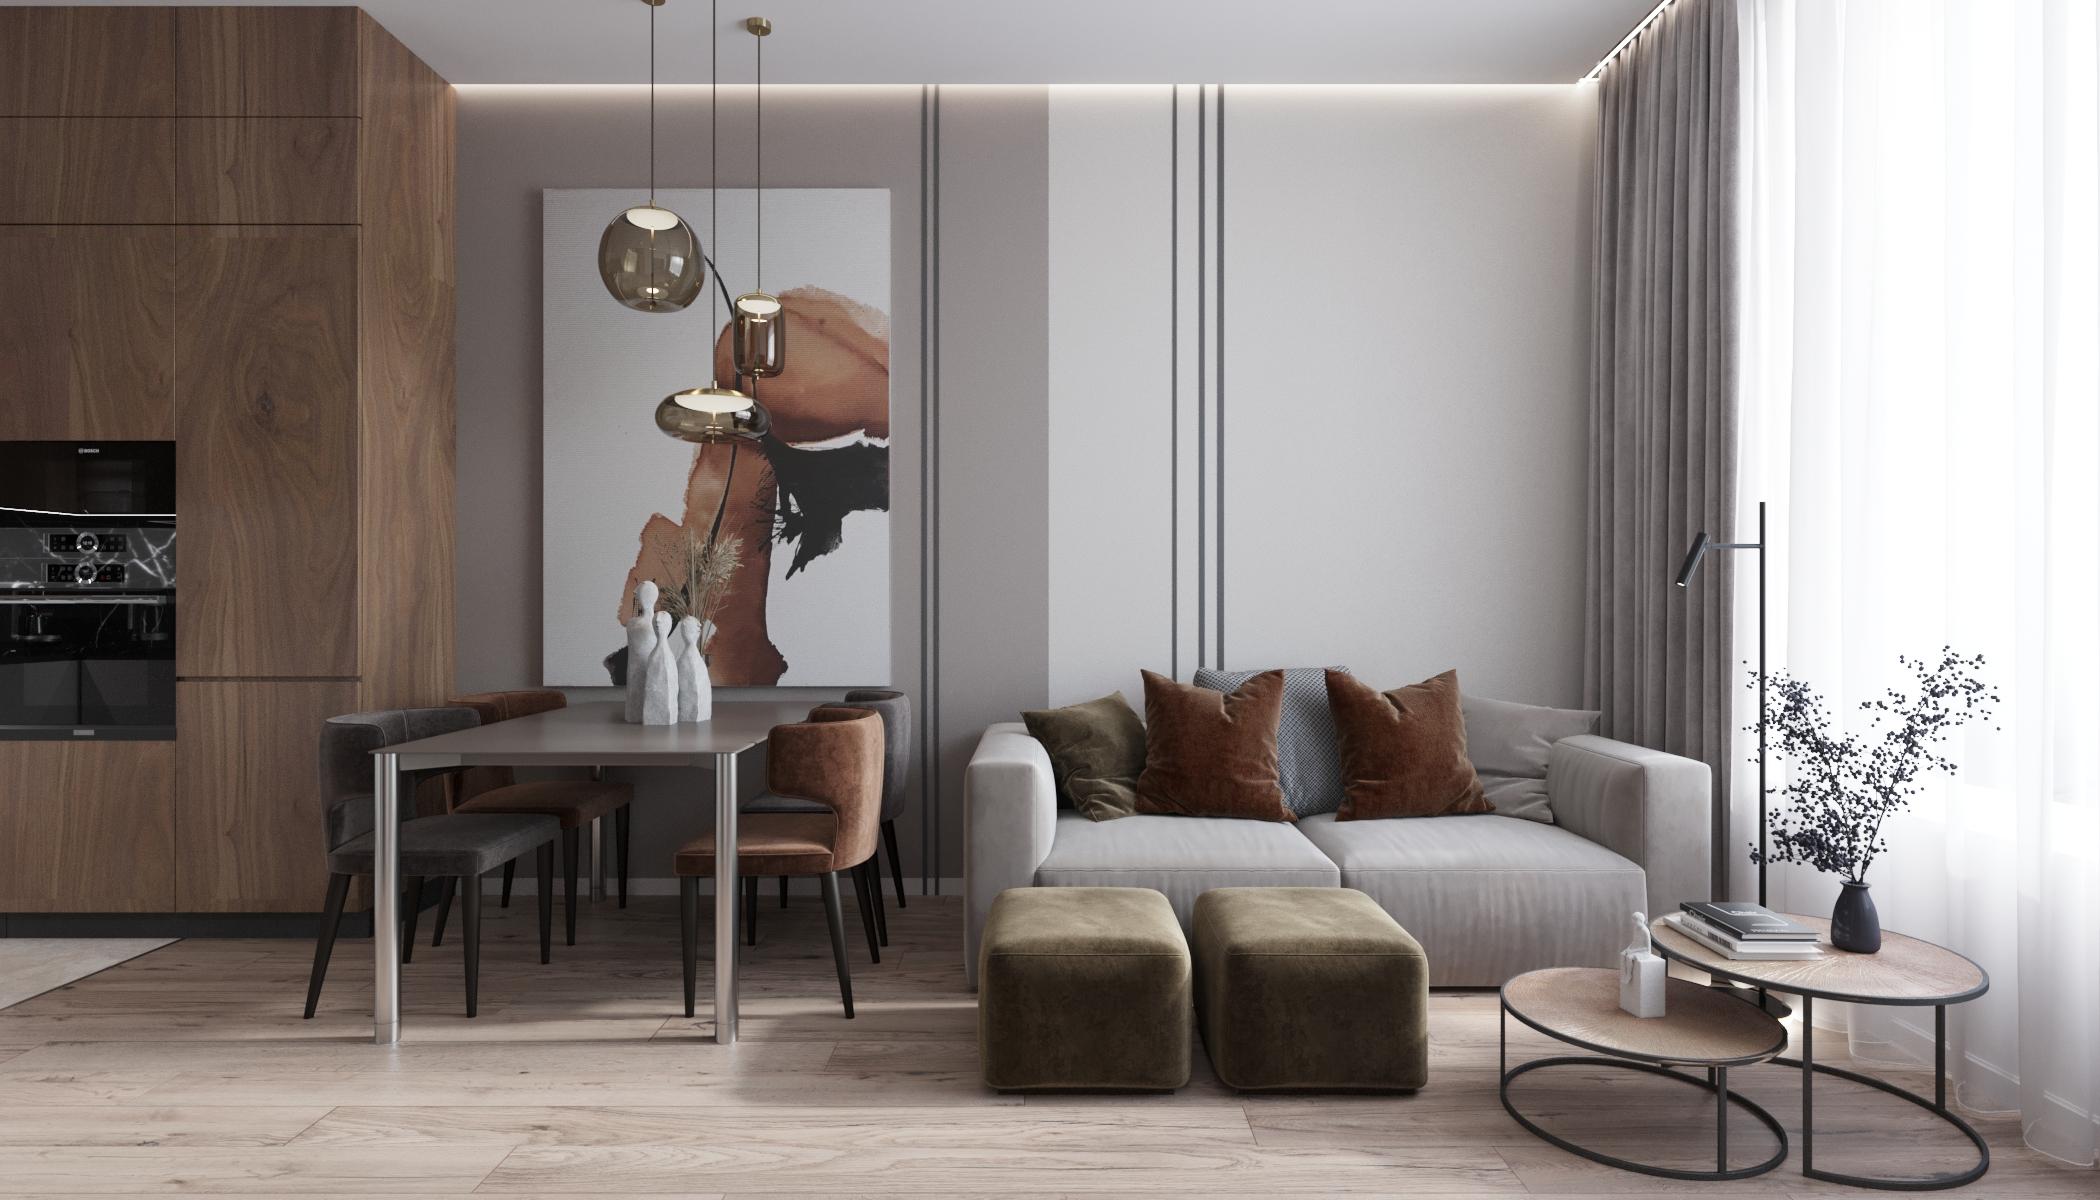 Основную составляющую интерьера гостиной заключает в себе цветовое решение стен, мебели и декора